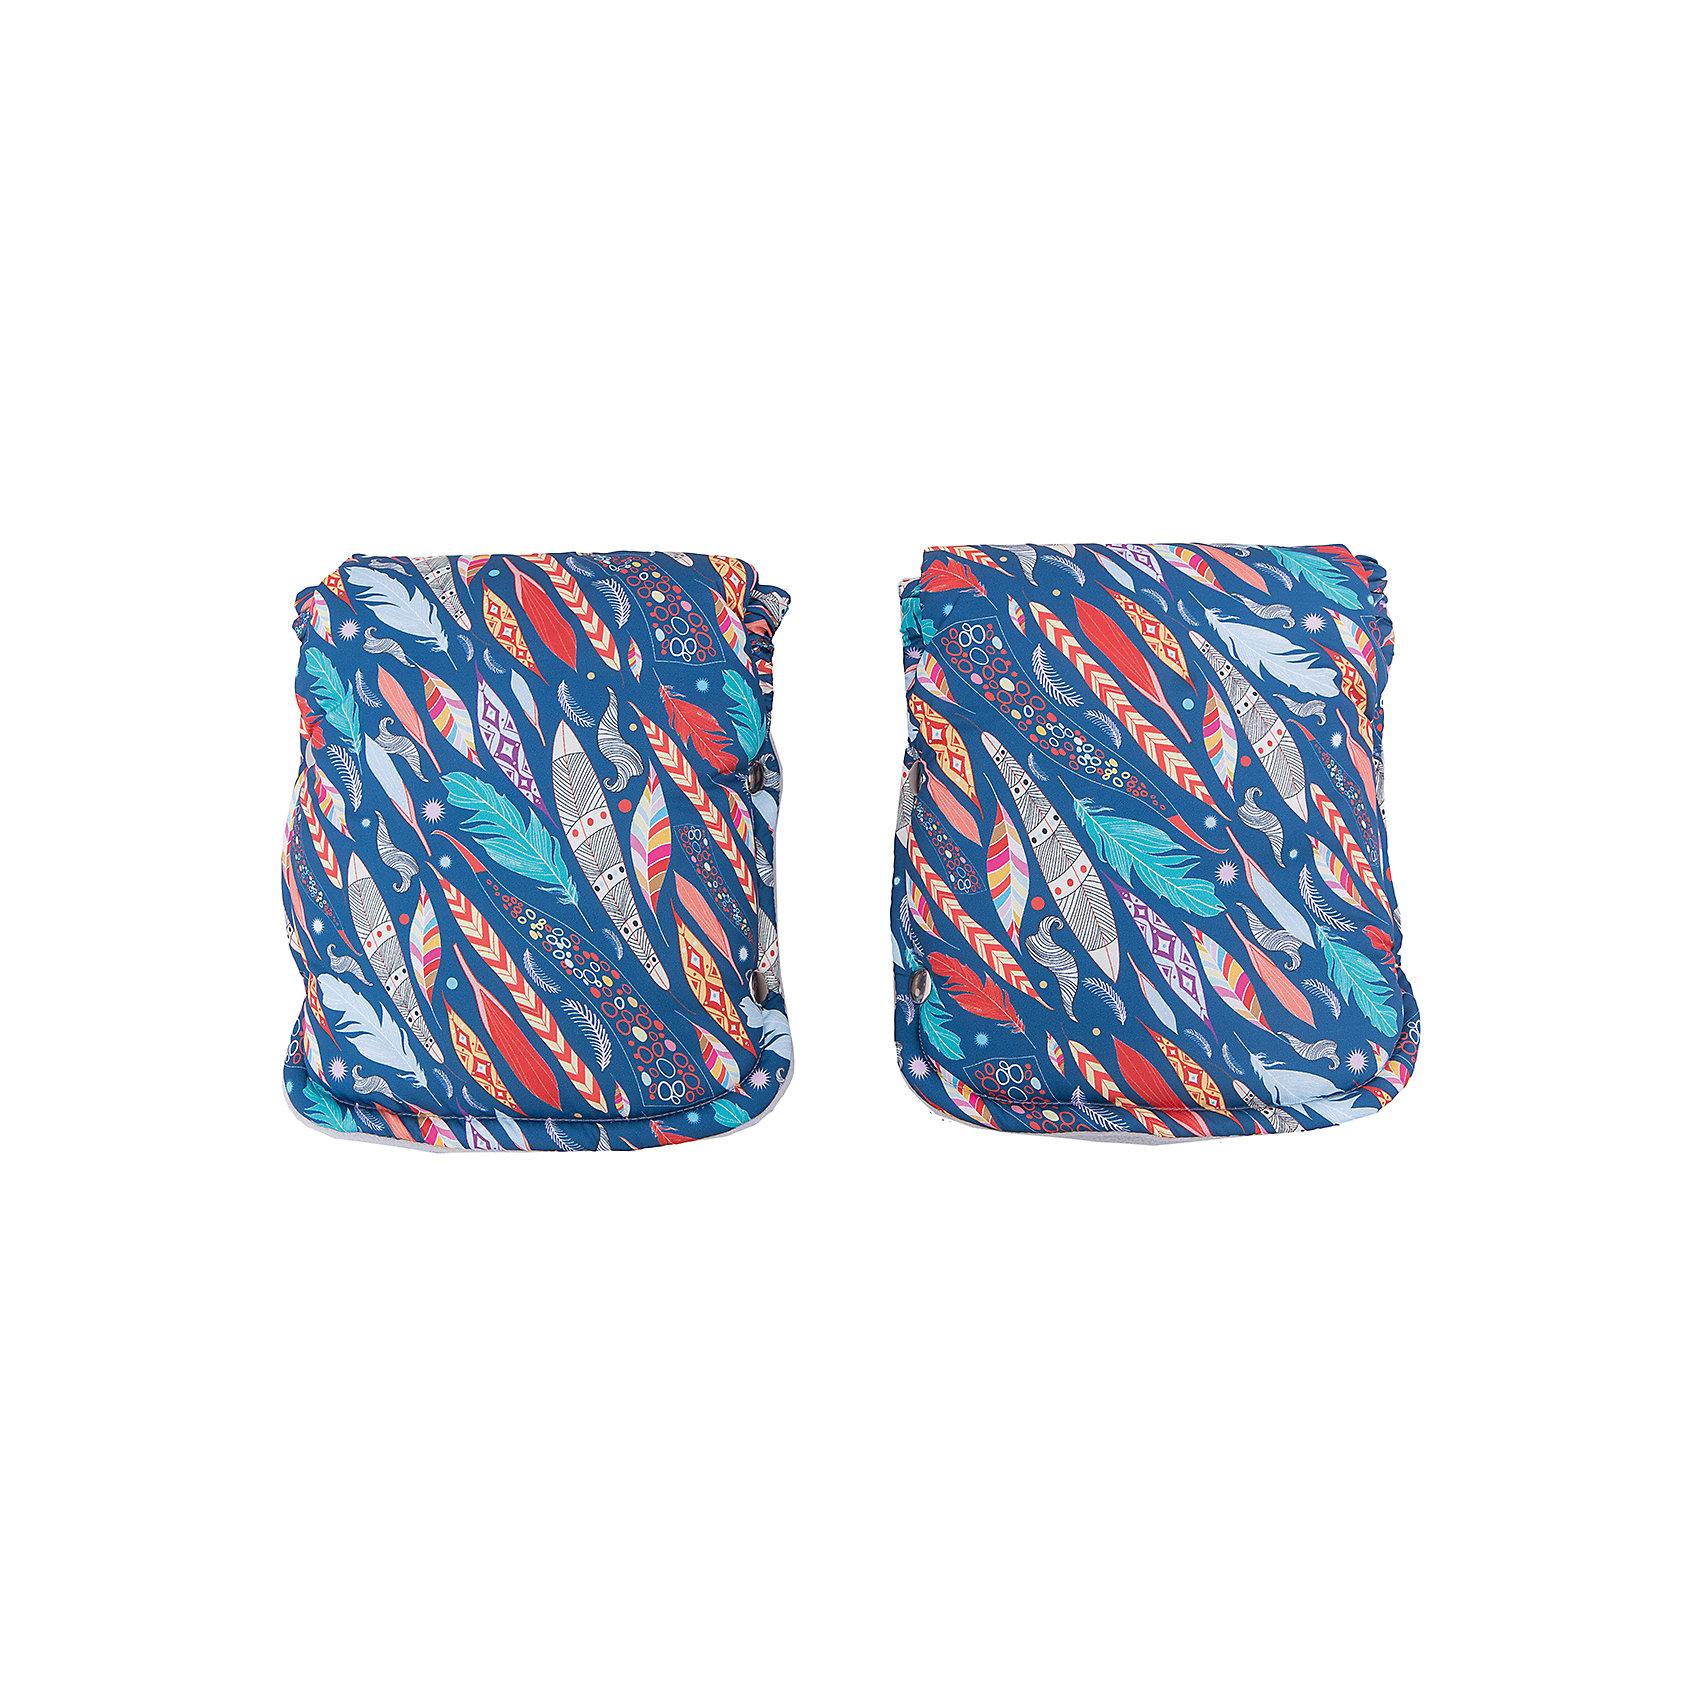 Муфта для рук (рукавички) Сантьяго, byTwinz, цветнойАксессуары для колясок<br>Теплые рукавицы на осенне-зимний период защищают руки мамы, бабушки или няни от ветра, холода и непогоды, согревают их и помогают сохранить здоровье и бархатность кожи рук. Муфра для рук состоит из двух рукавичек, которые застегиваются на кнопки, используется как для колясок с цельной ручкой, так для колясок с отдельными ручками. <br><br>Дополнительная информация:<br><br>Температурный режим: до -15 градусов<br><br>Материал: <br><br>- верх: непромокаемая ткань, <br>- подкладка: флис, <br>- утеплитель: холофайбер.<br><br>Муфту для рук (рукавички) Сантьяго, byTwinz, цветную можно купить в нашем интернет-магазине.<br><br>Ширина мм: 250<br>Глубина мм: 230<br>Высота мм: 130<br>Вес г: 180<br>Возраст от месяцев: 0<br>Возраст до месяцев: 36<br>Пол: Унисекс<br>Возраст: Детский<br>SKU: 5045085